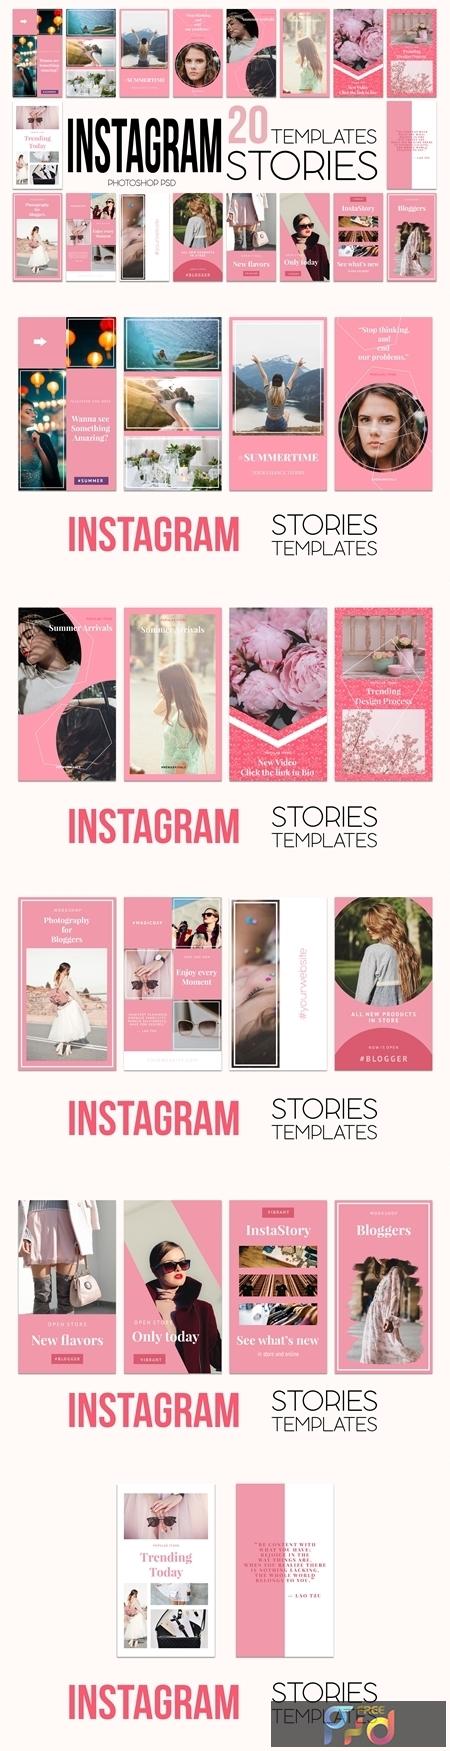 Instagram Stories Pack 3585554 1